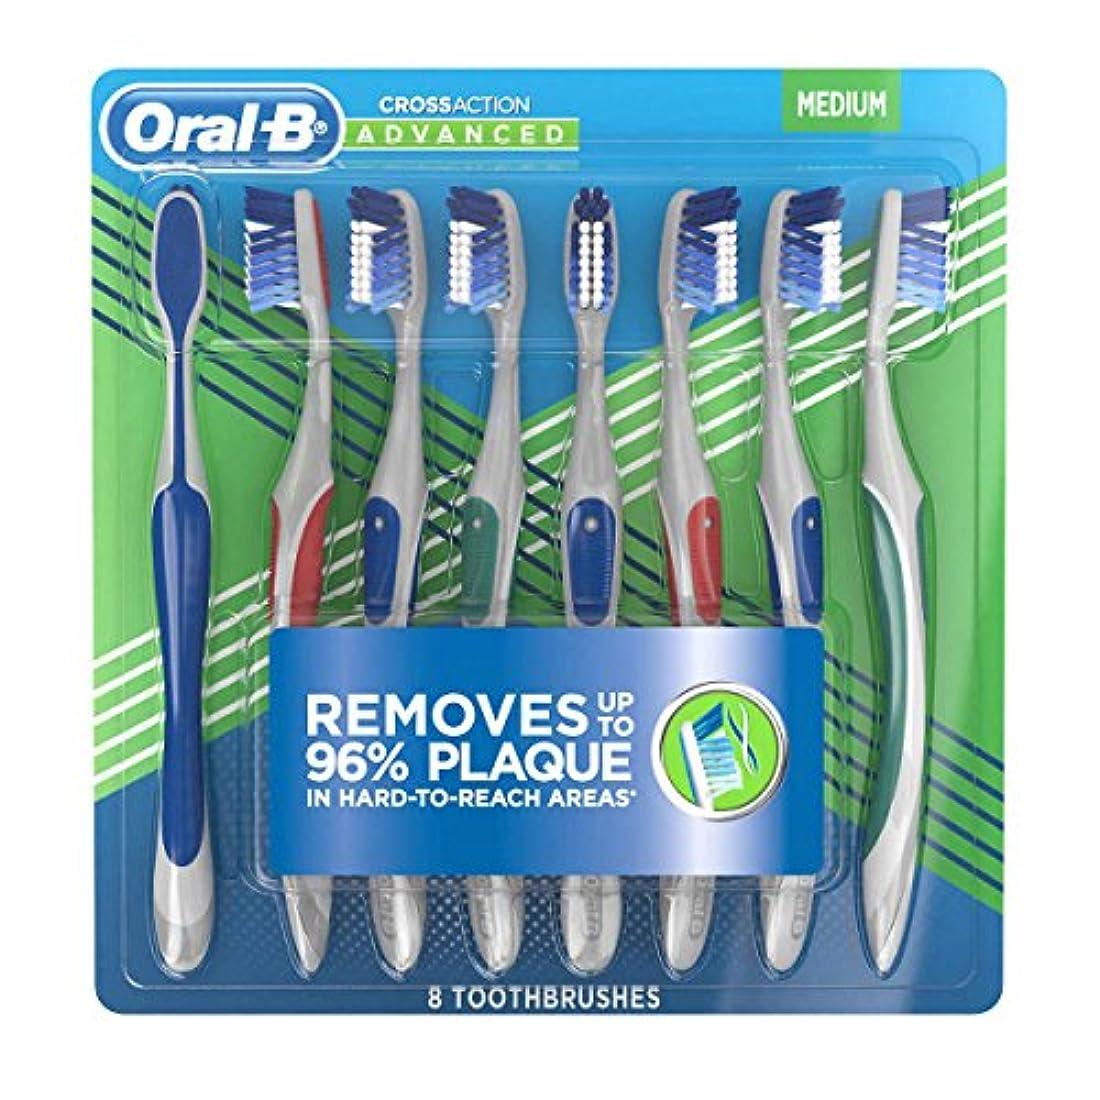 リラックスした直径無駄Oral-B Pro-Health Cross Action Advanced Toothbrush 8-pack MED オーラルB プロヘルス クロスアクション アドバンスド 歯ブラシ8本セット(ミディアムタイプ)